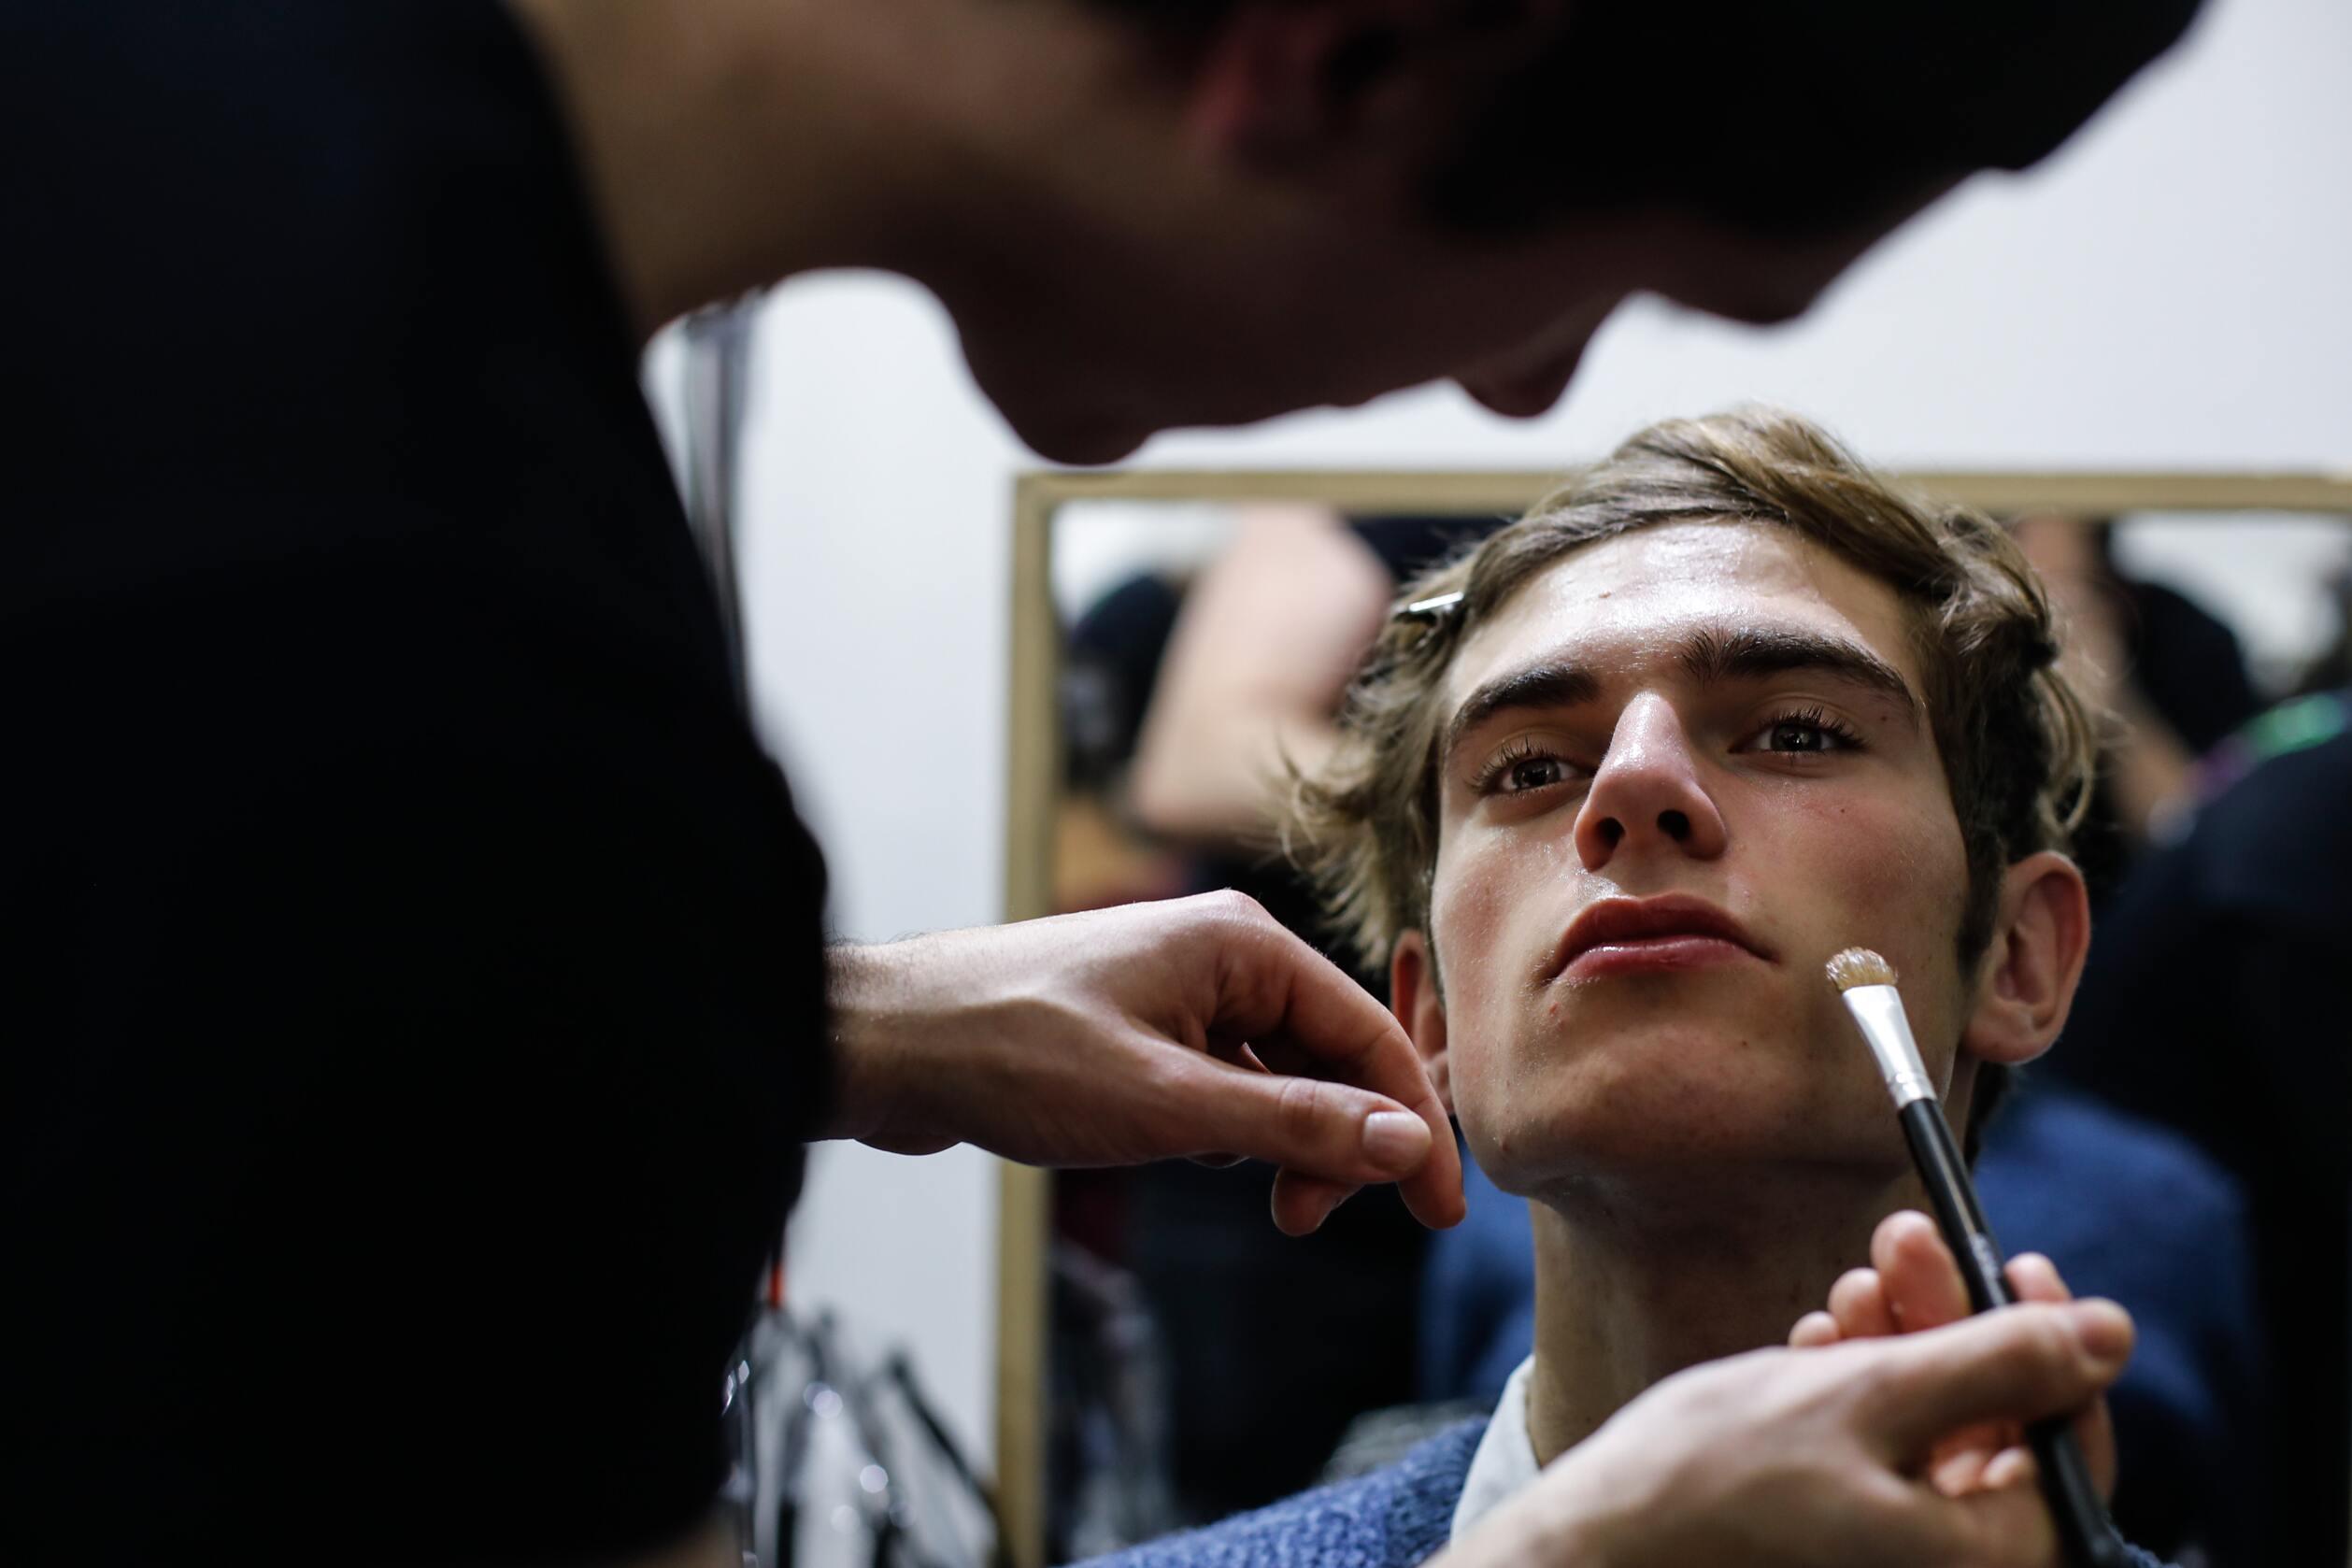 Make Up Model Daks Backstage